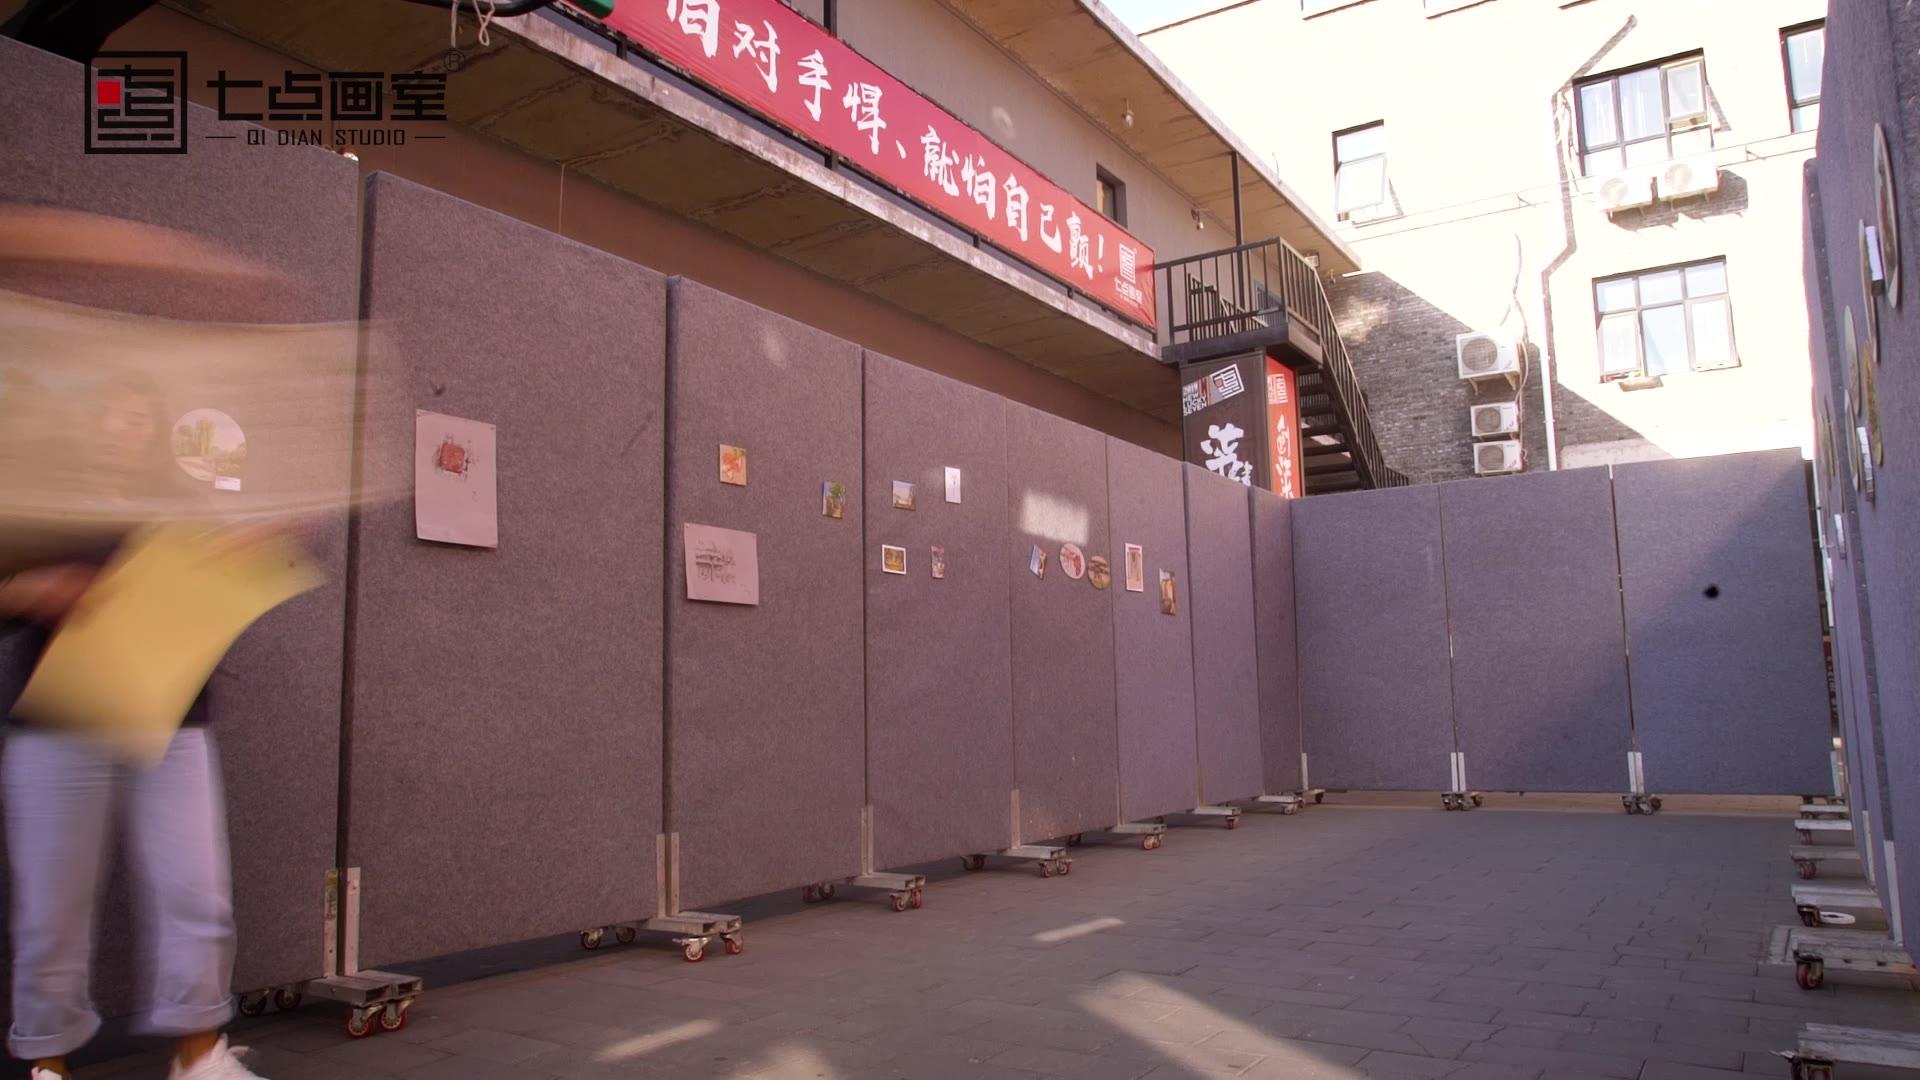 2019年七点画室写生画展